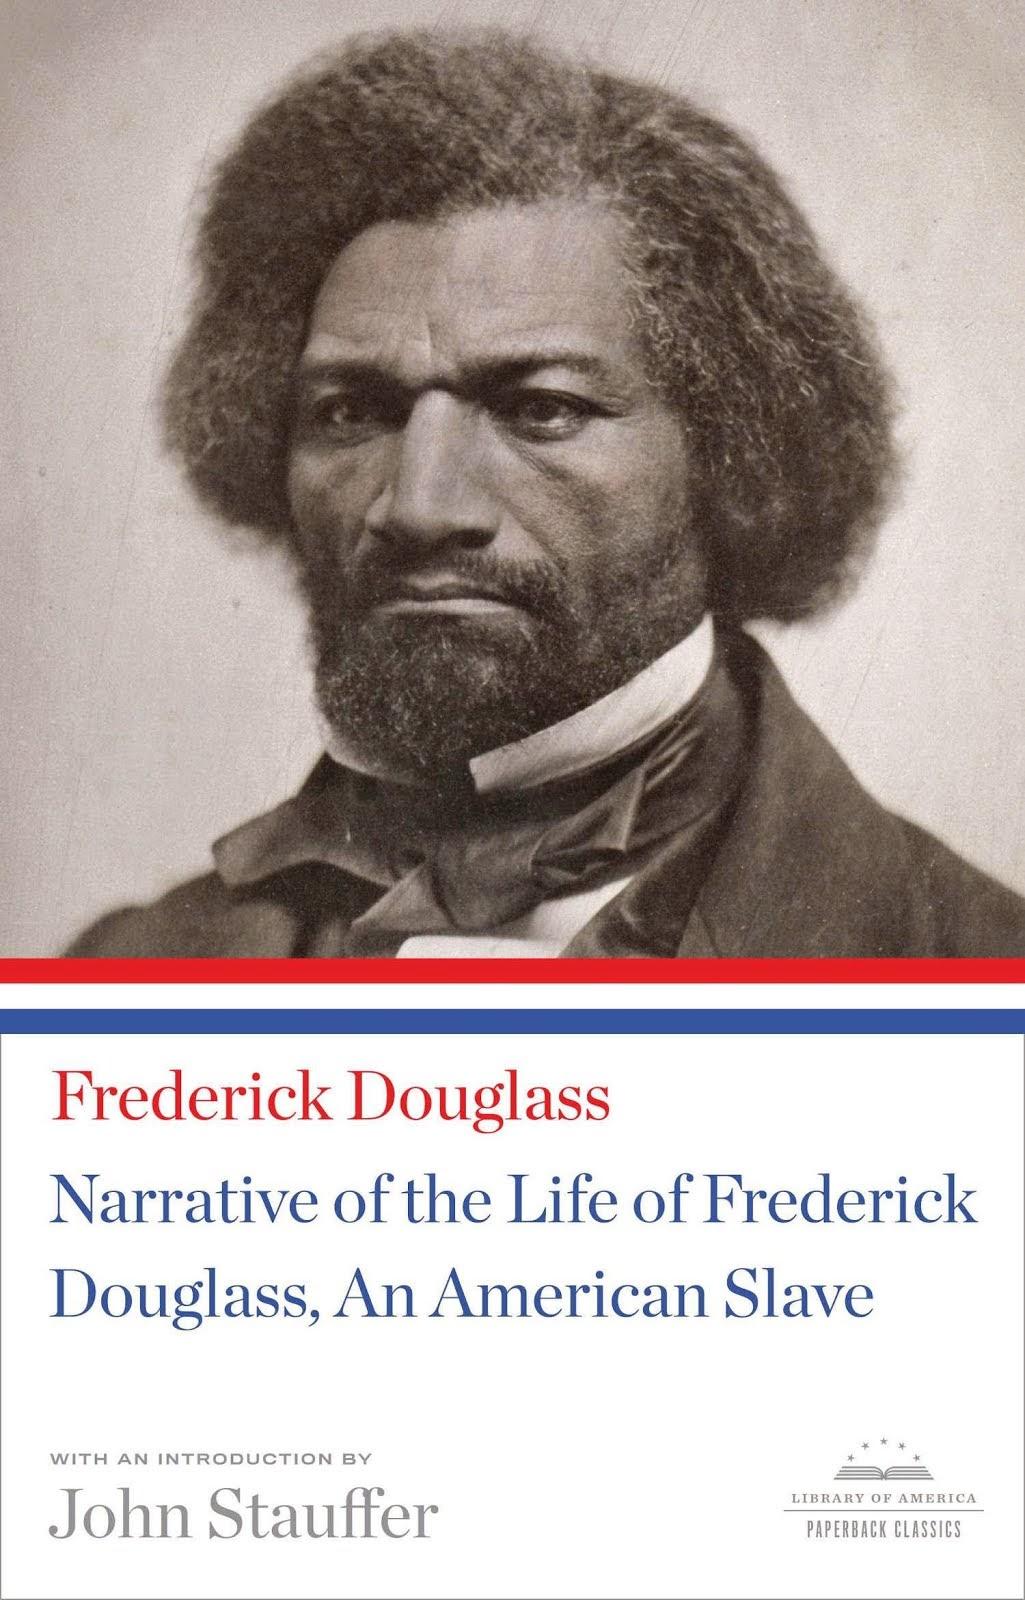 Da Escravidão à Emancipação: a Jornada Libertária de Frederick Douglass (1818-1895)